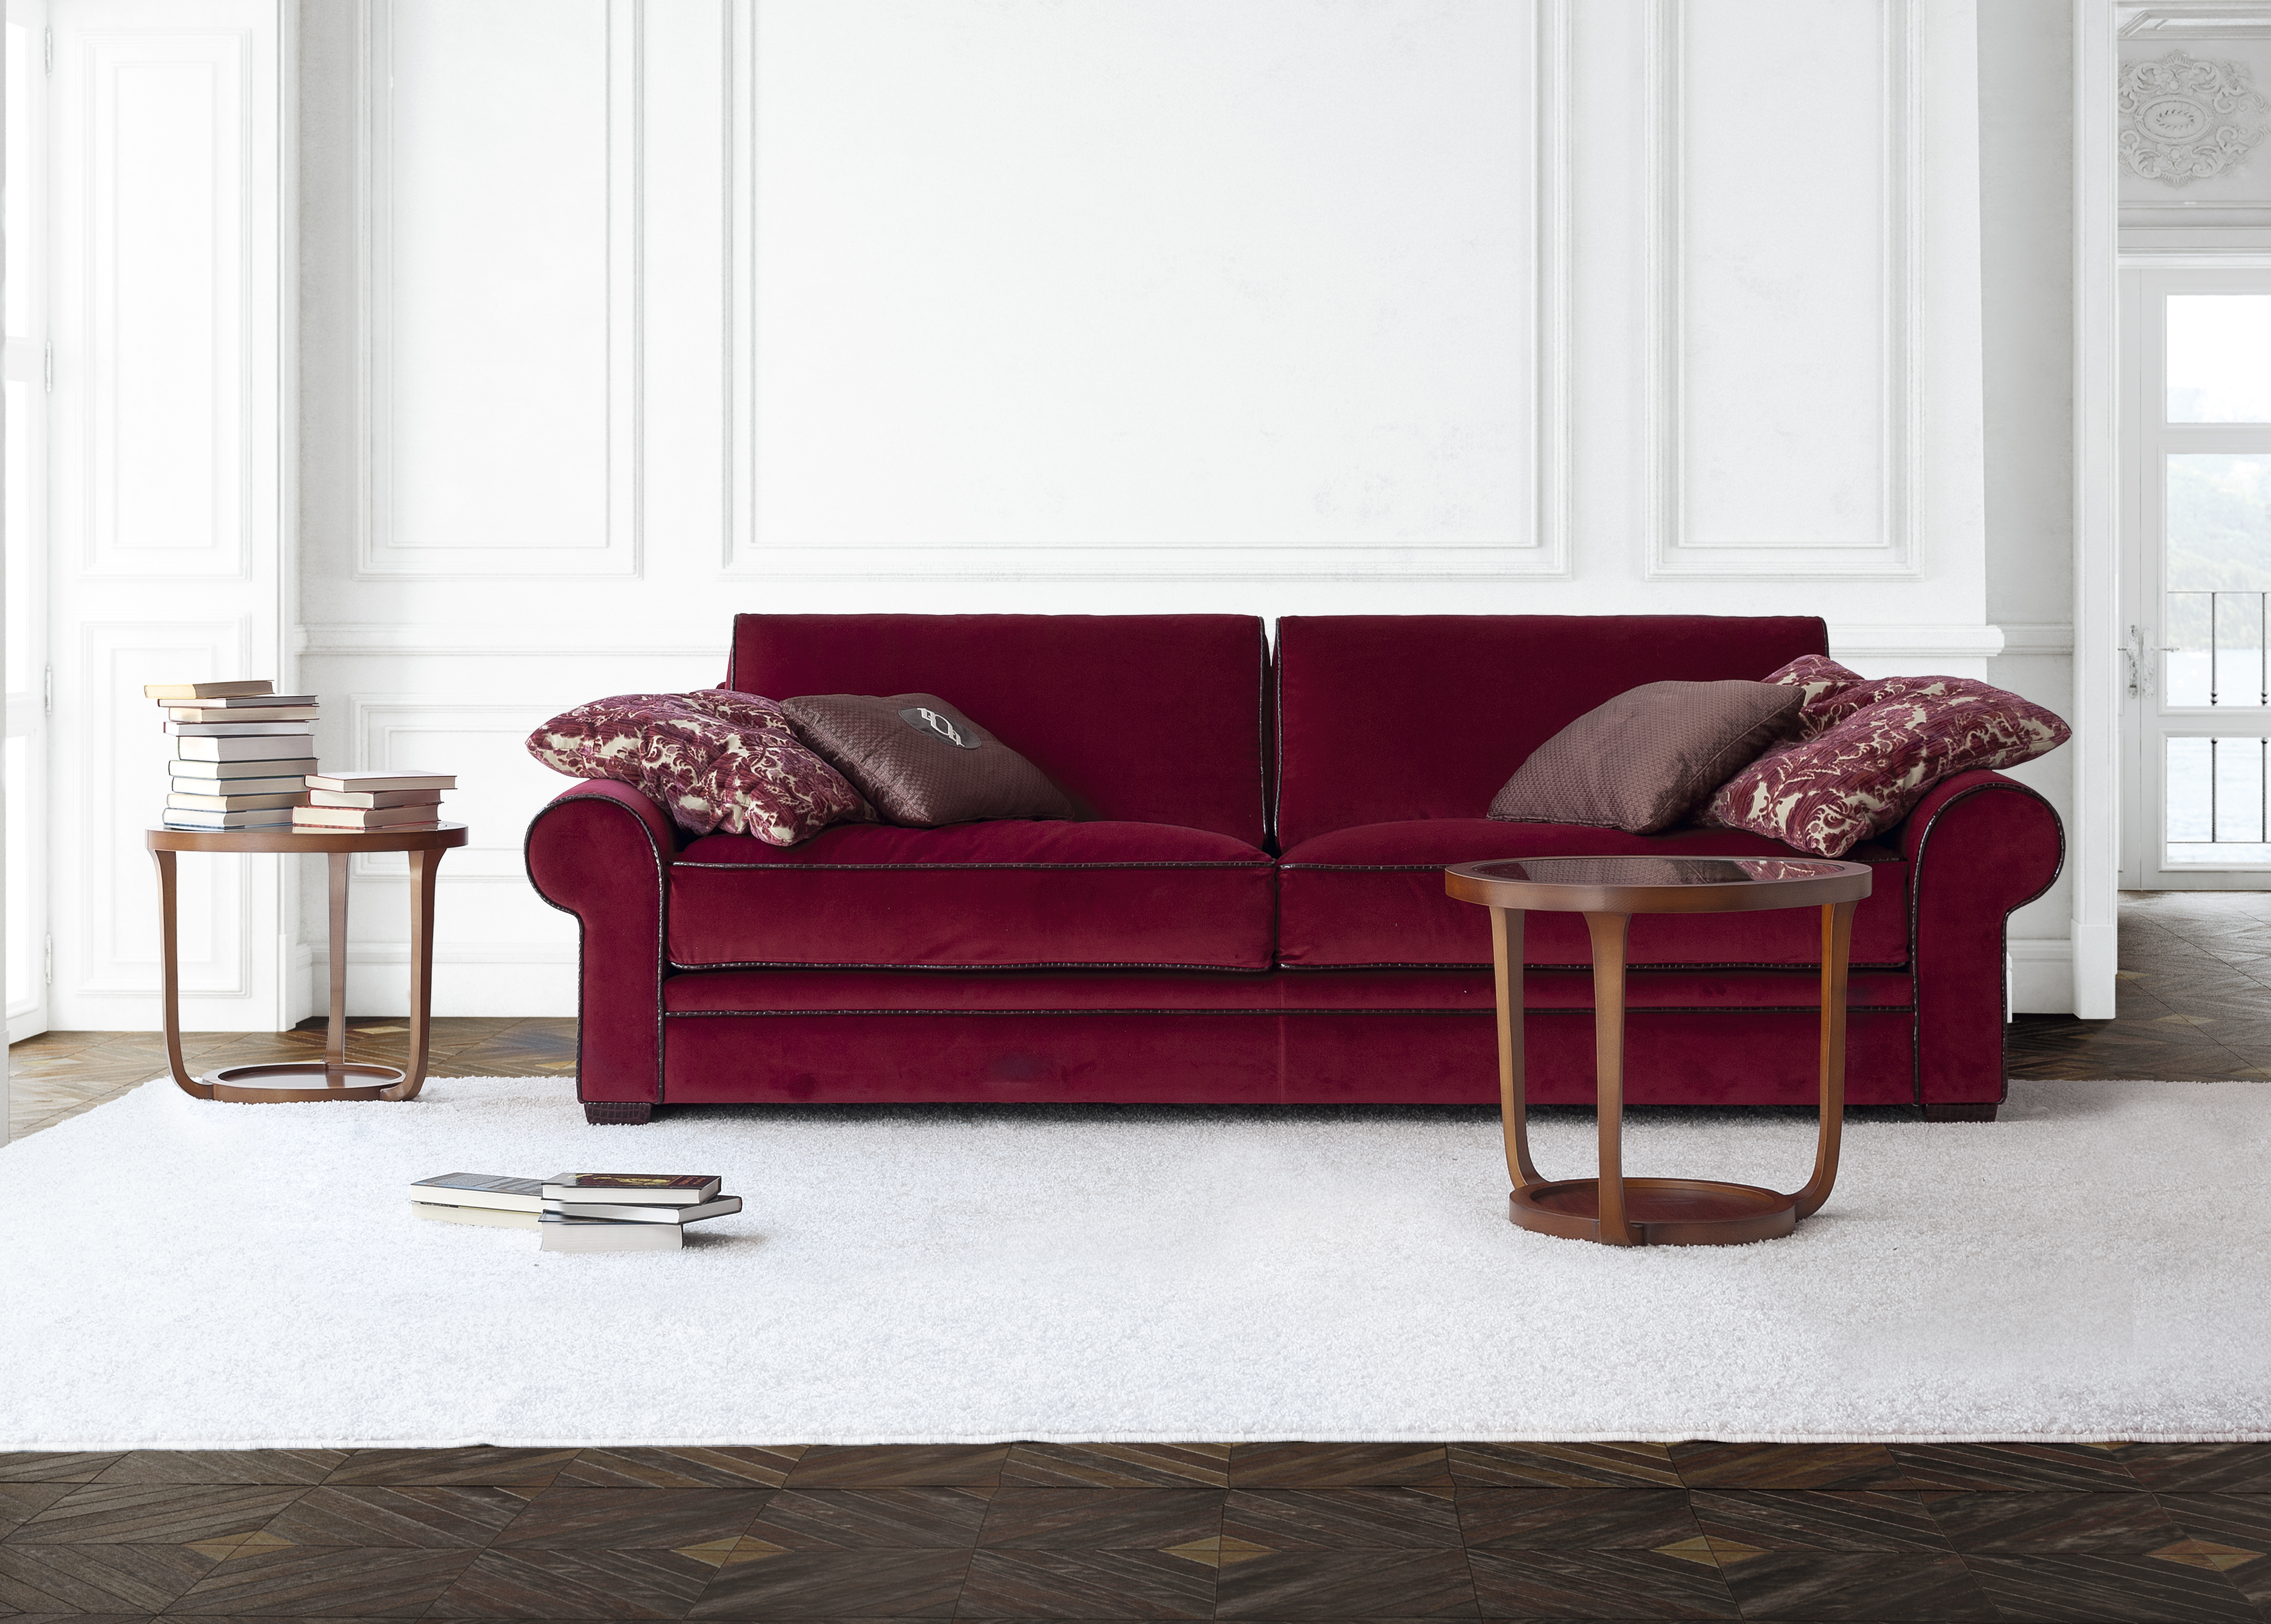 sofa-diseño-clasico-interiorismo